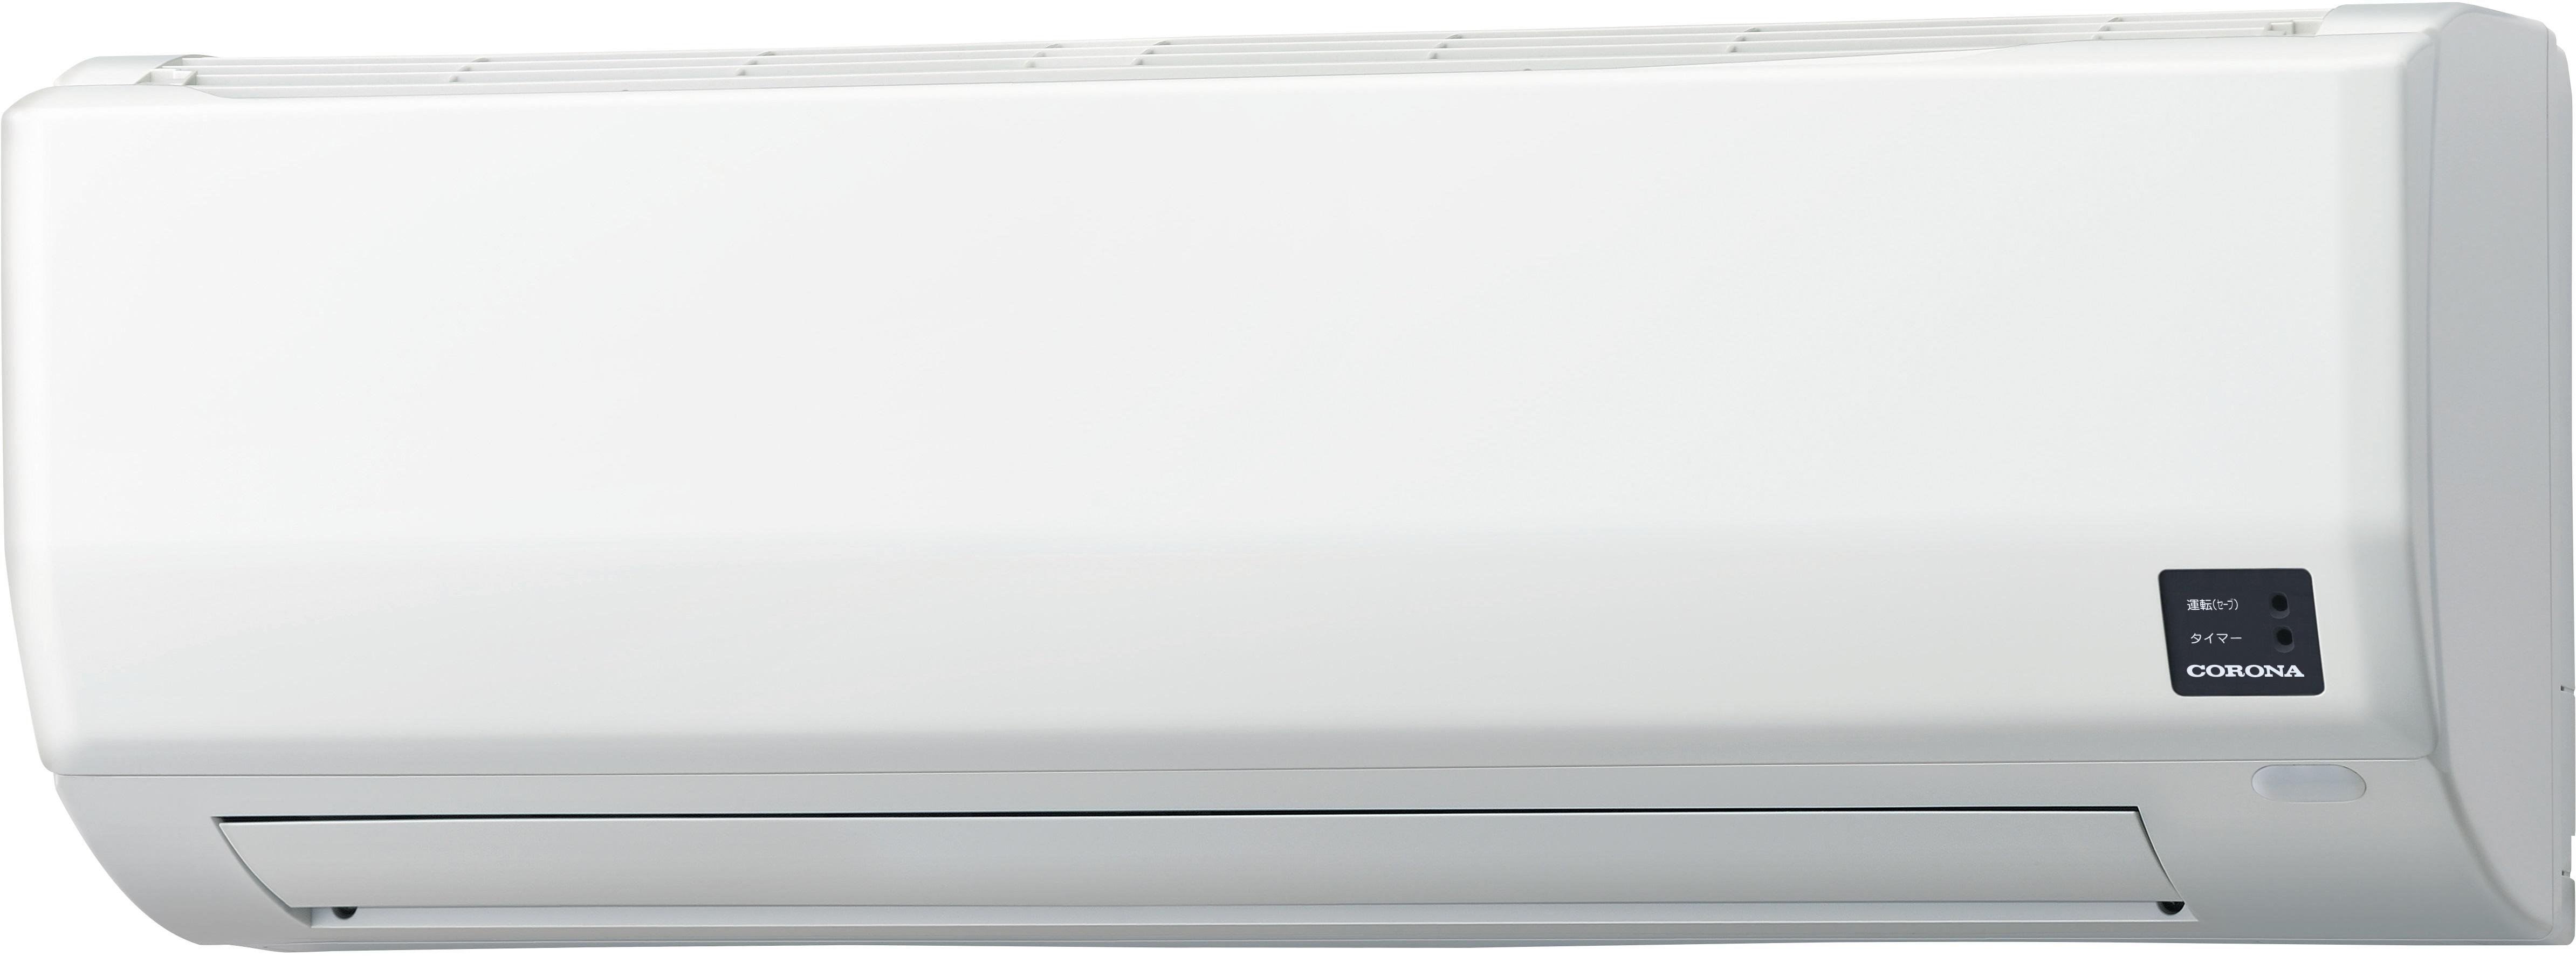 CSH-B5617R2